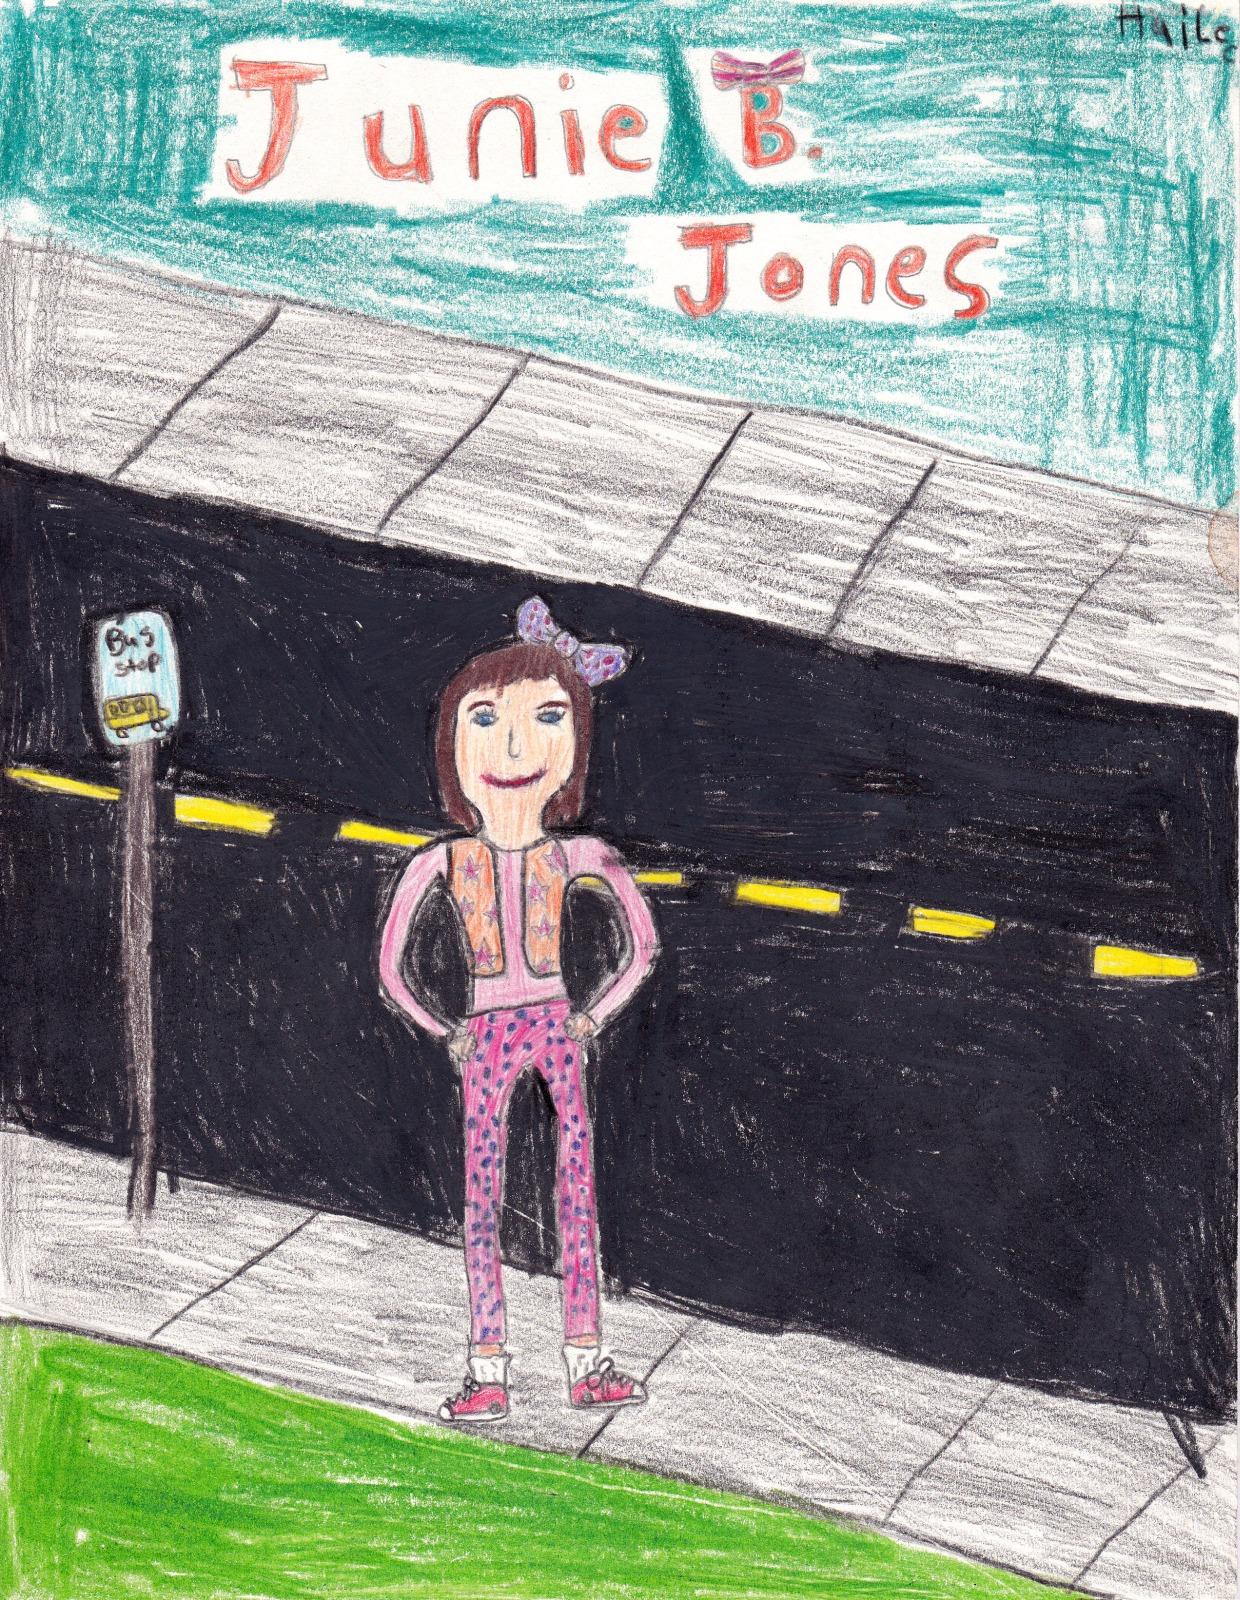 Junie B. Jones, artwork by Hailee Reynolds